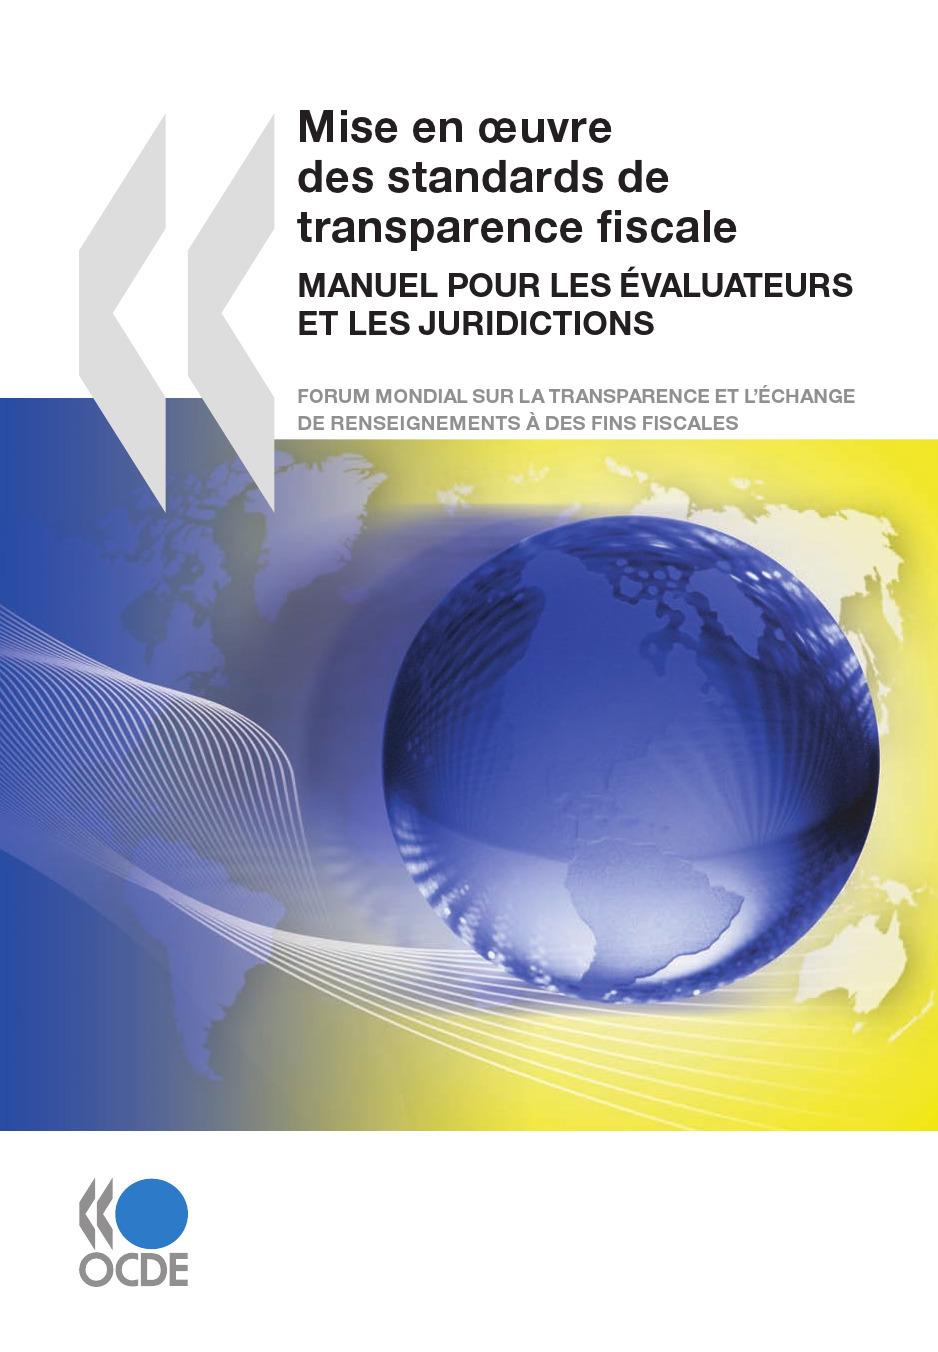 Collectif Mise en oeuvre des standards de transparence fiscale